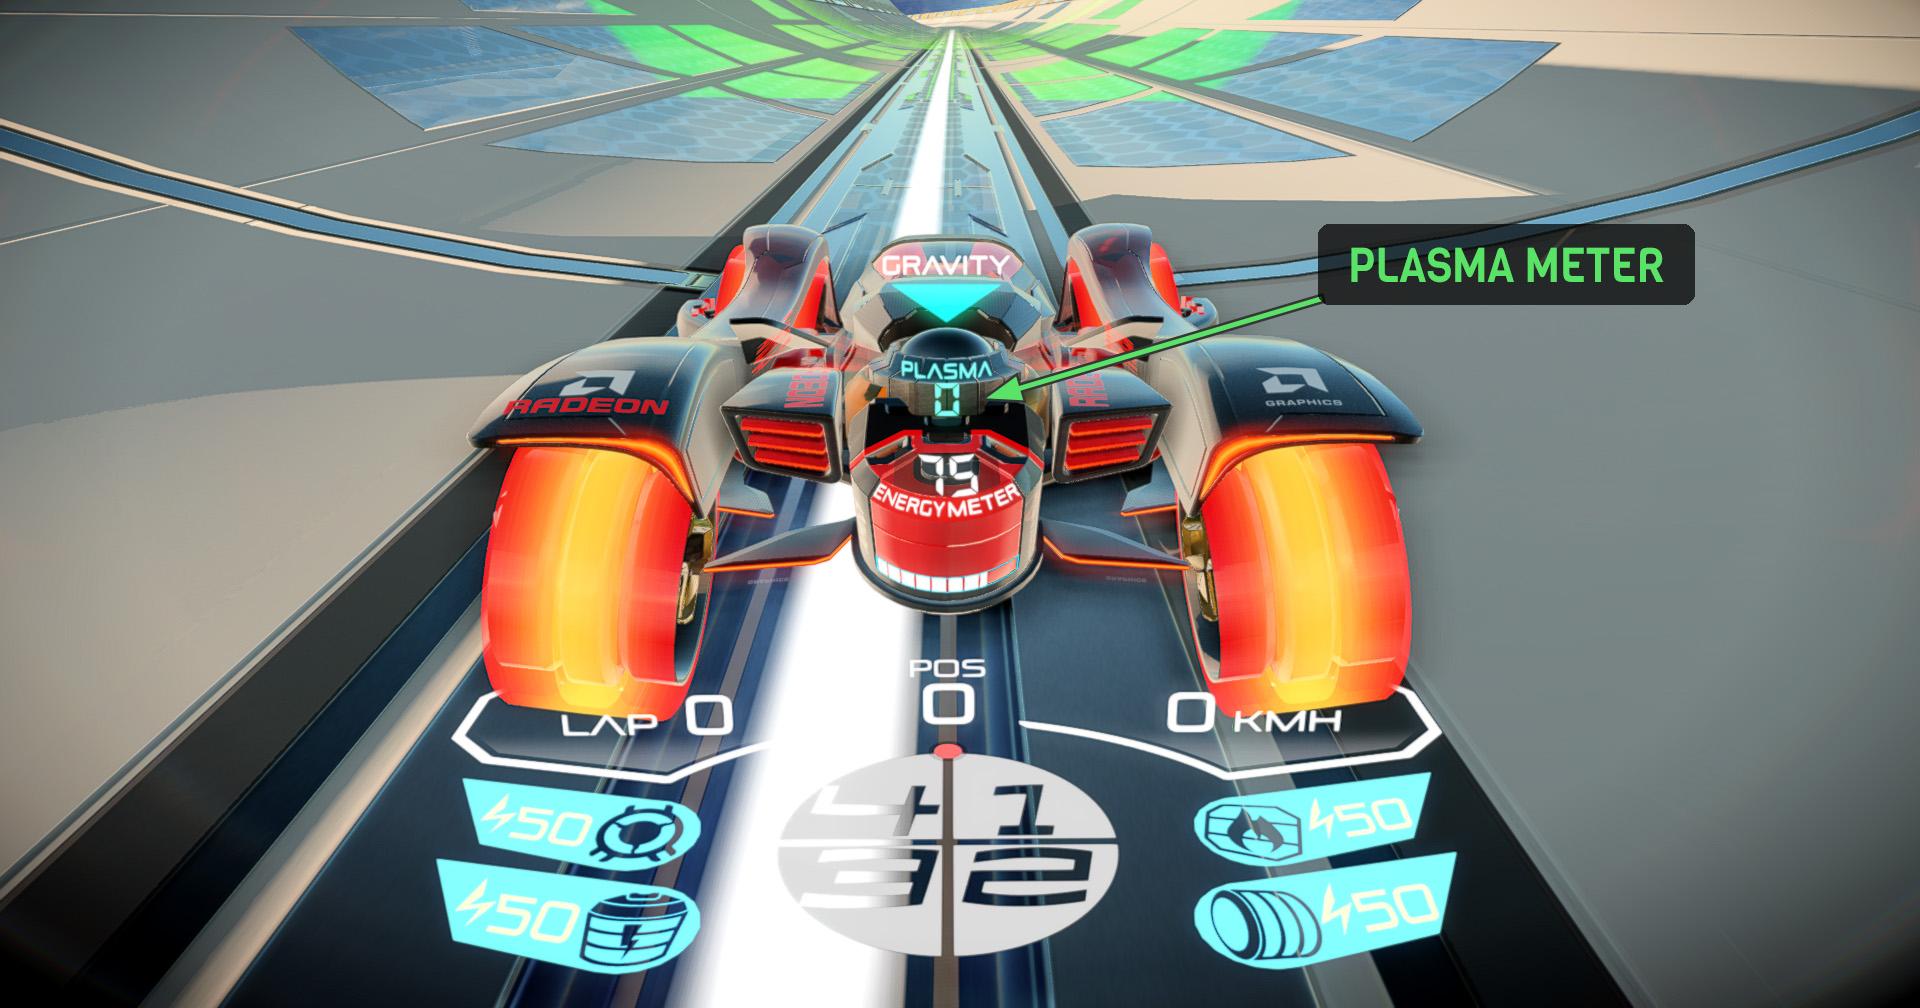 22RS-HUD-Helper-Image-Plasma-Meter